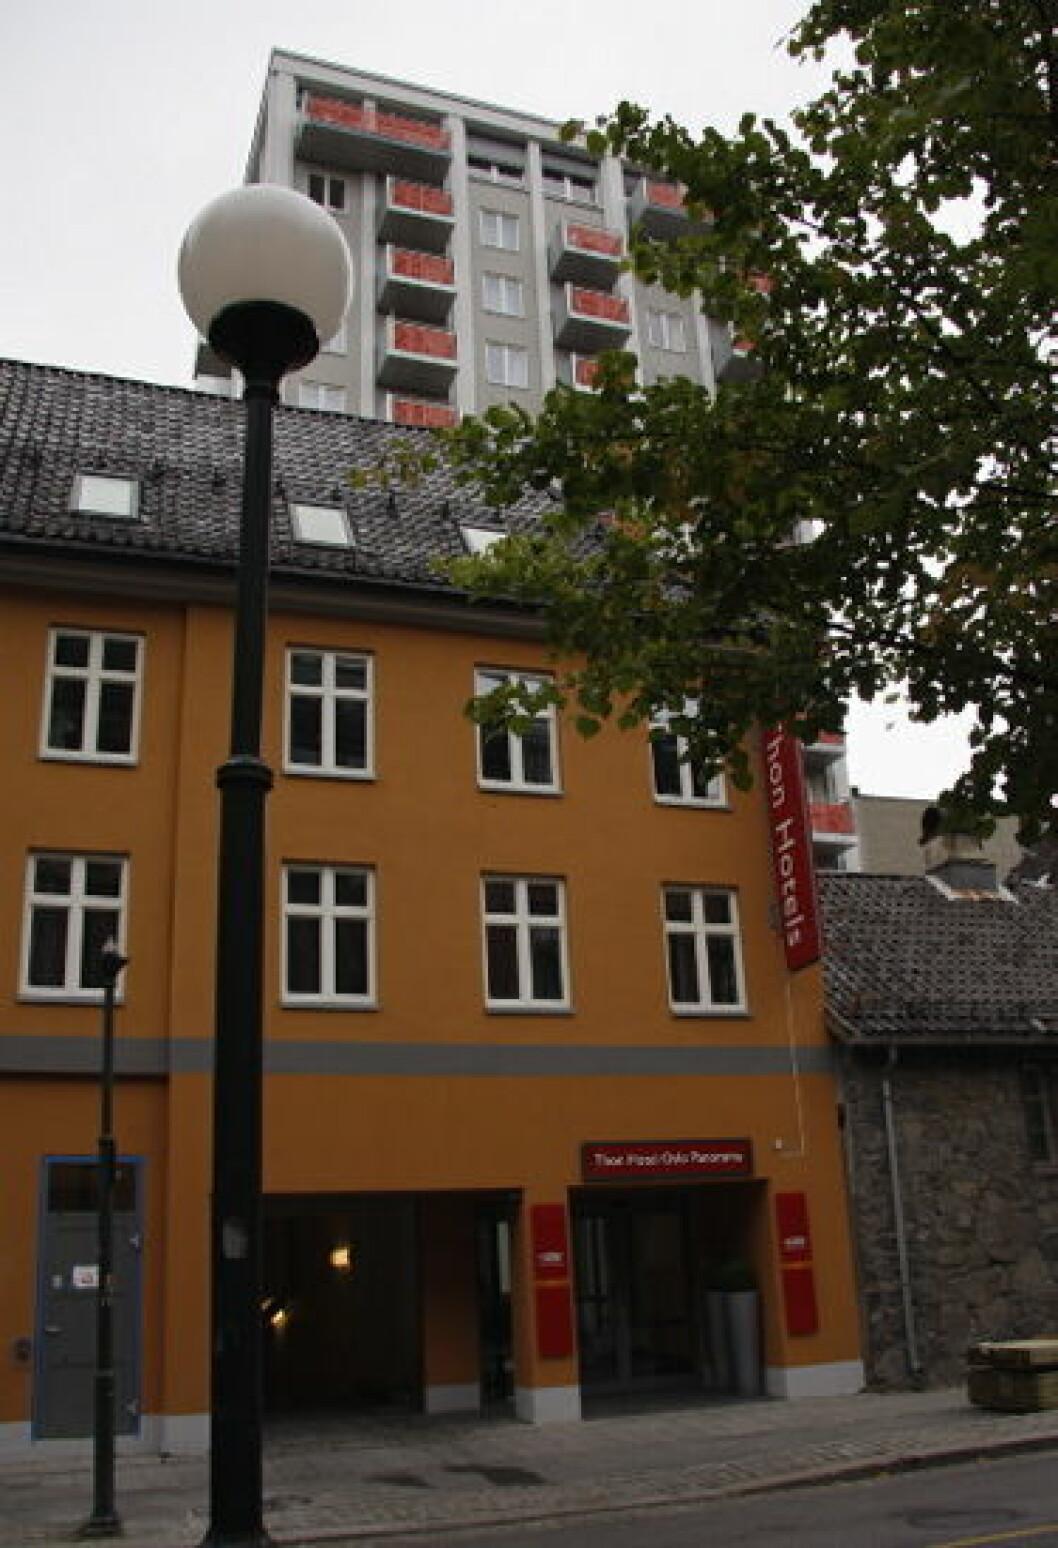 Thon Hotel Panorama Oslo nett